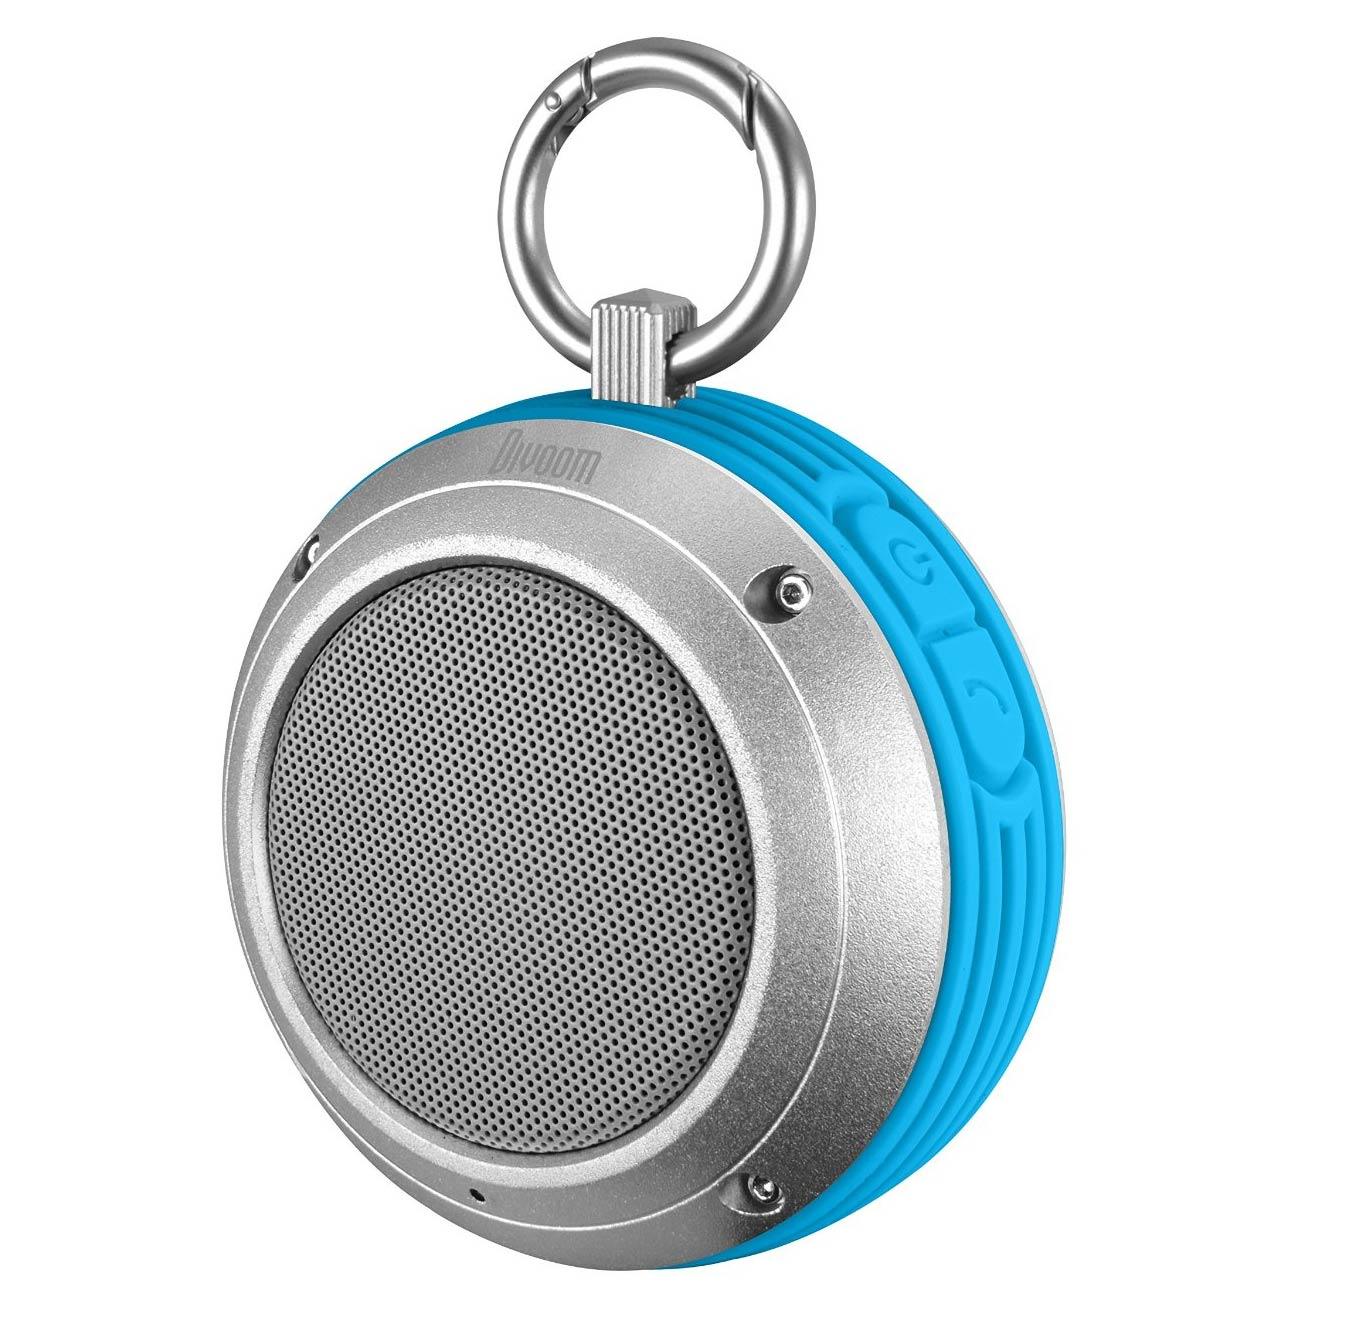 רמקול דיבורית Bluetooth נייד דגם Voombox-Travel עם עוצמת שמע 4 W - תמונה 2